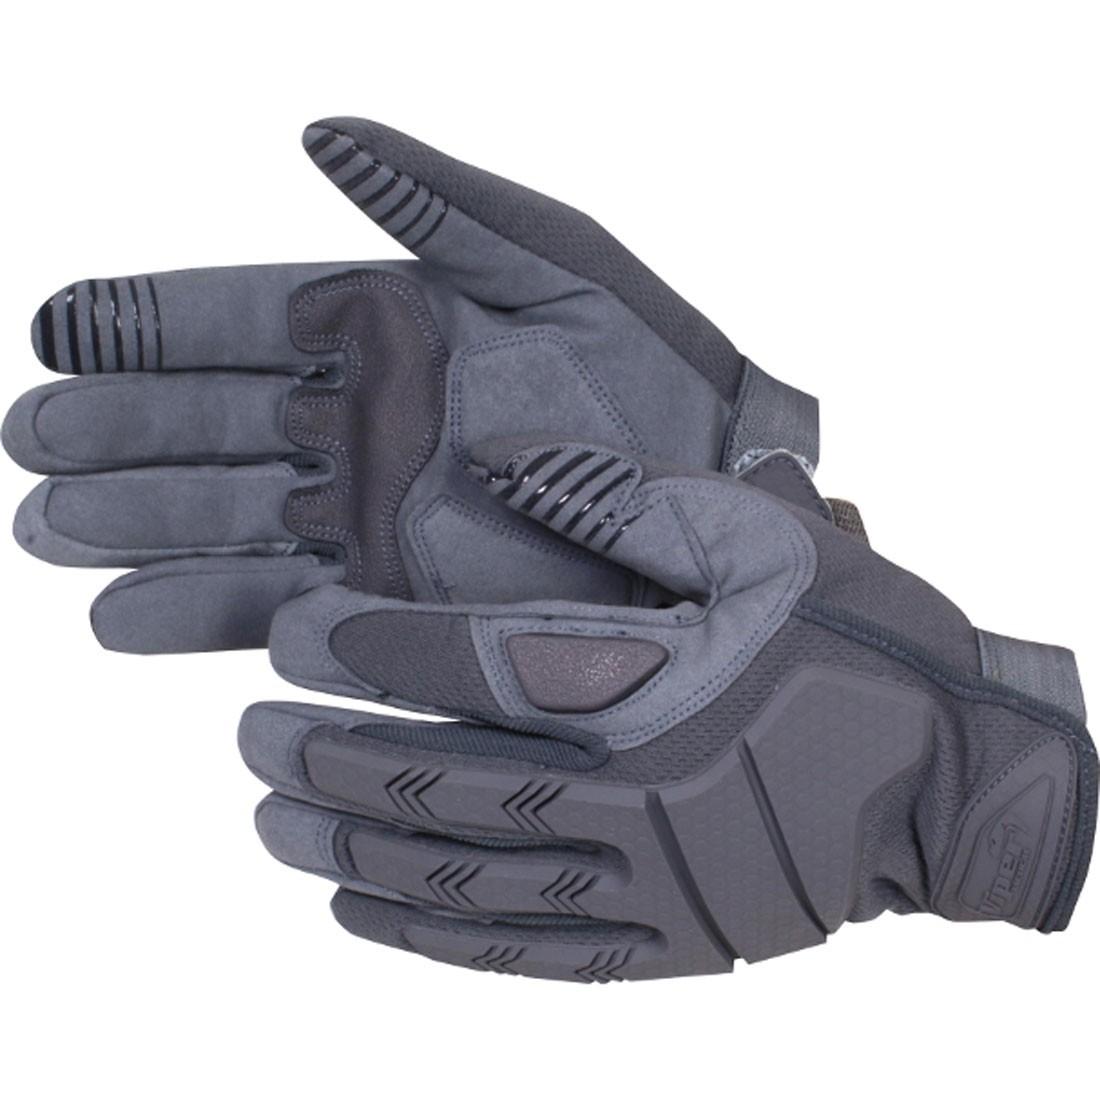 Viper Recon Gloves Titanium Grey Medium